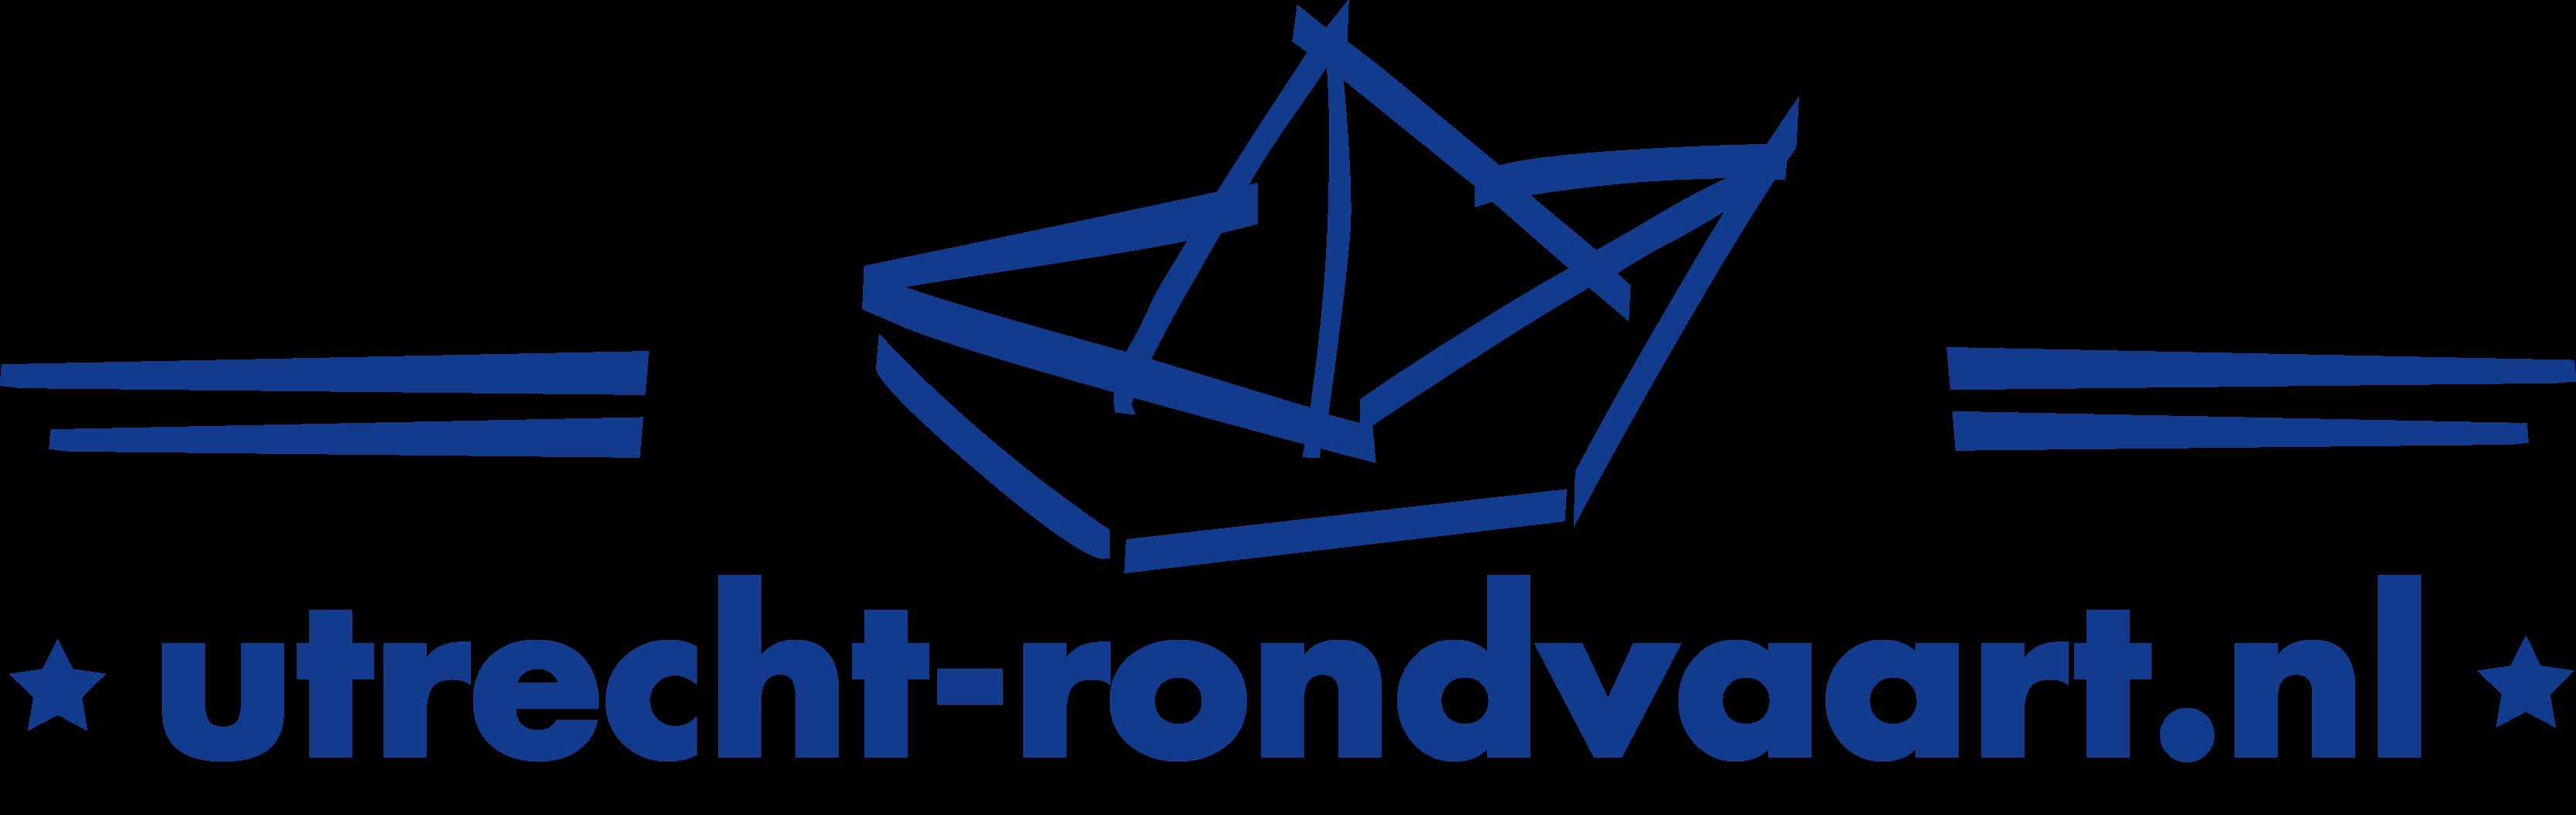 Utrecht-Rondvaart.nl